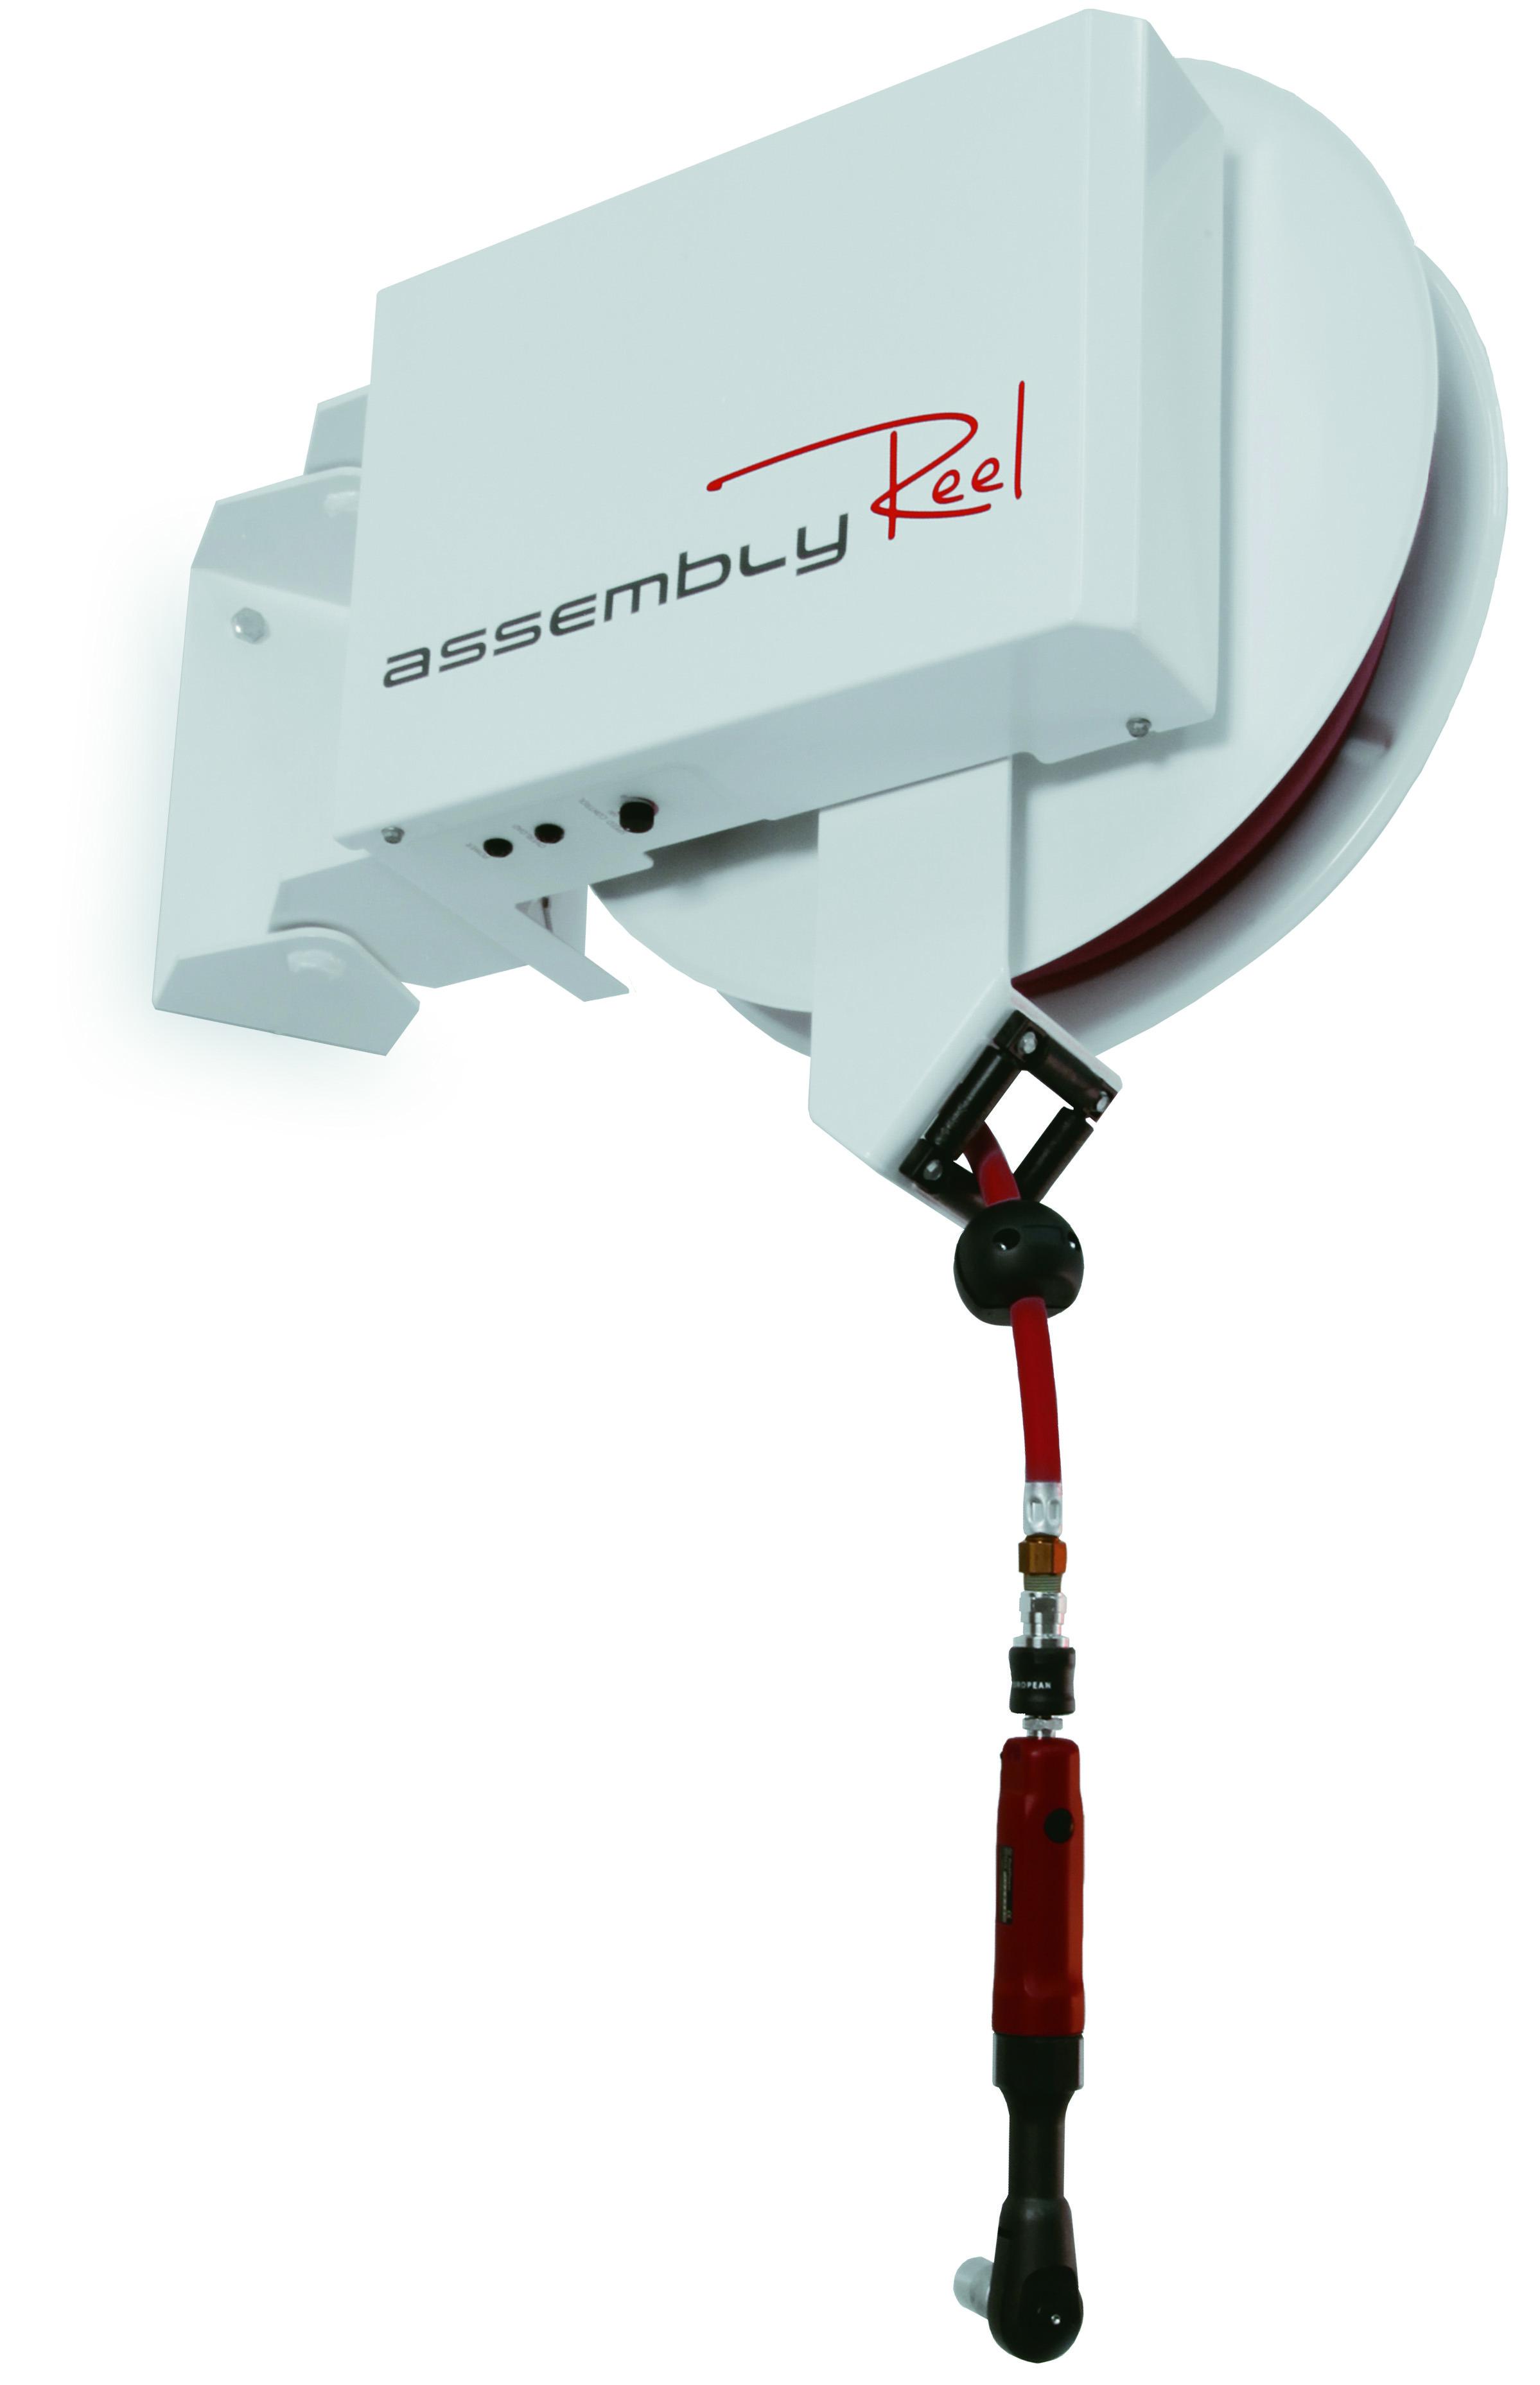 AssemblyReel ARH 03